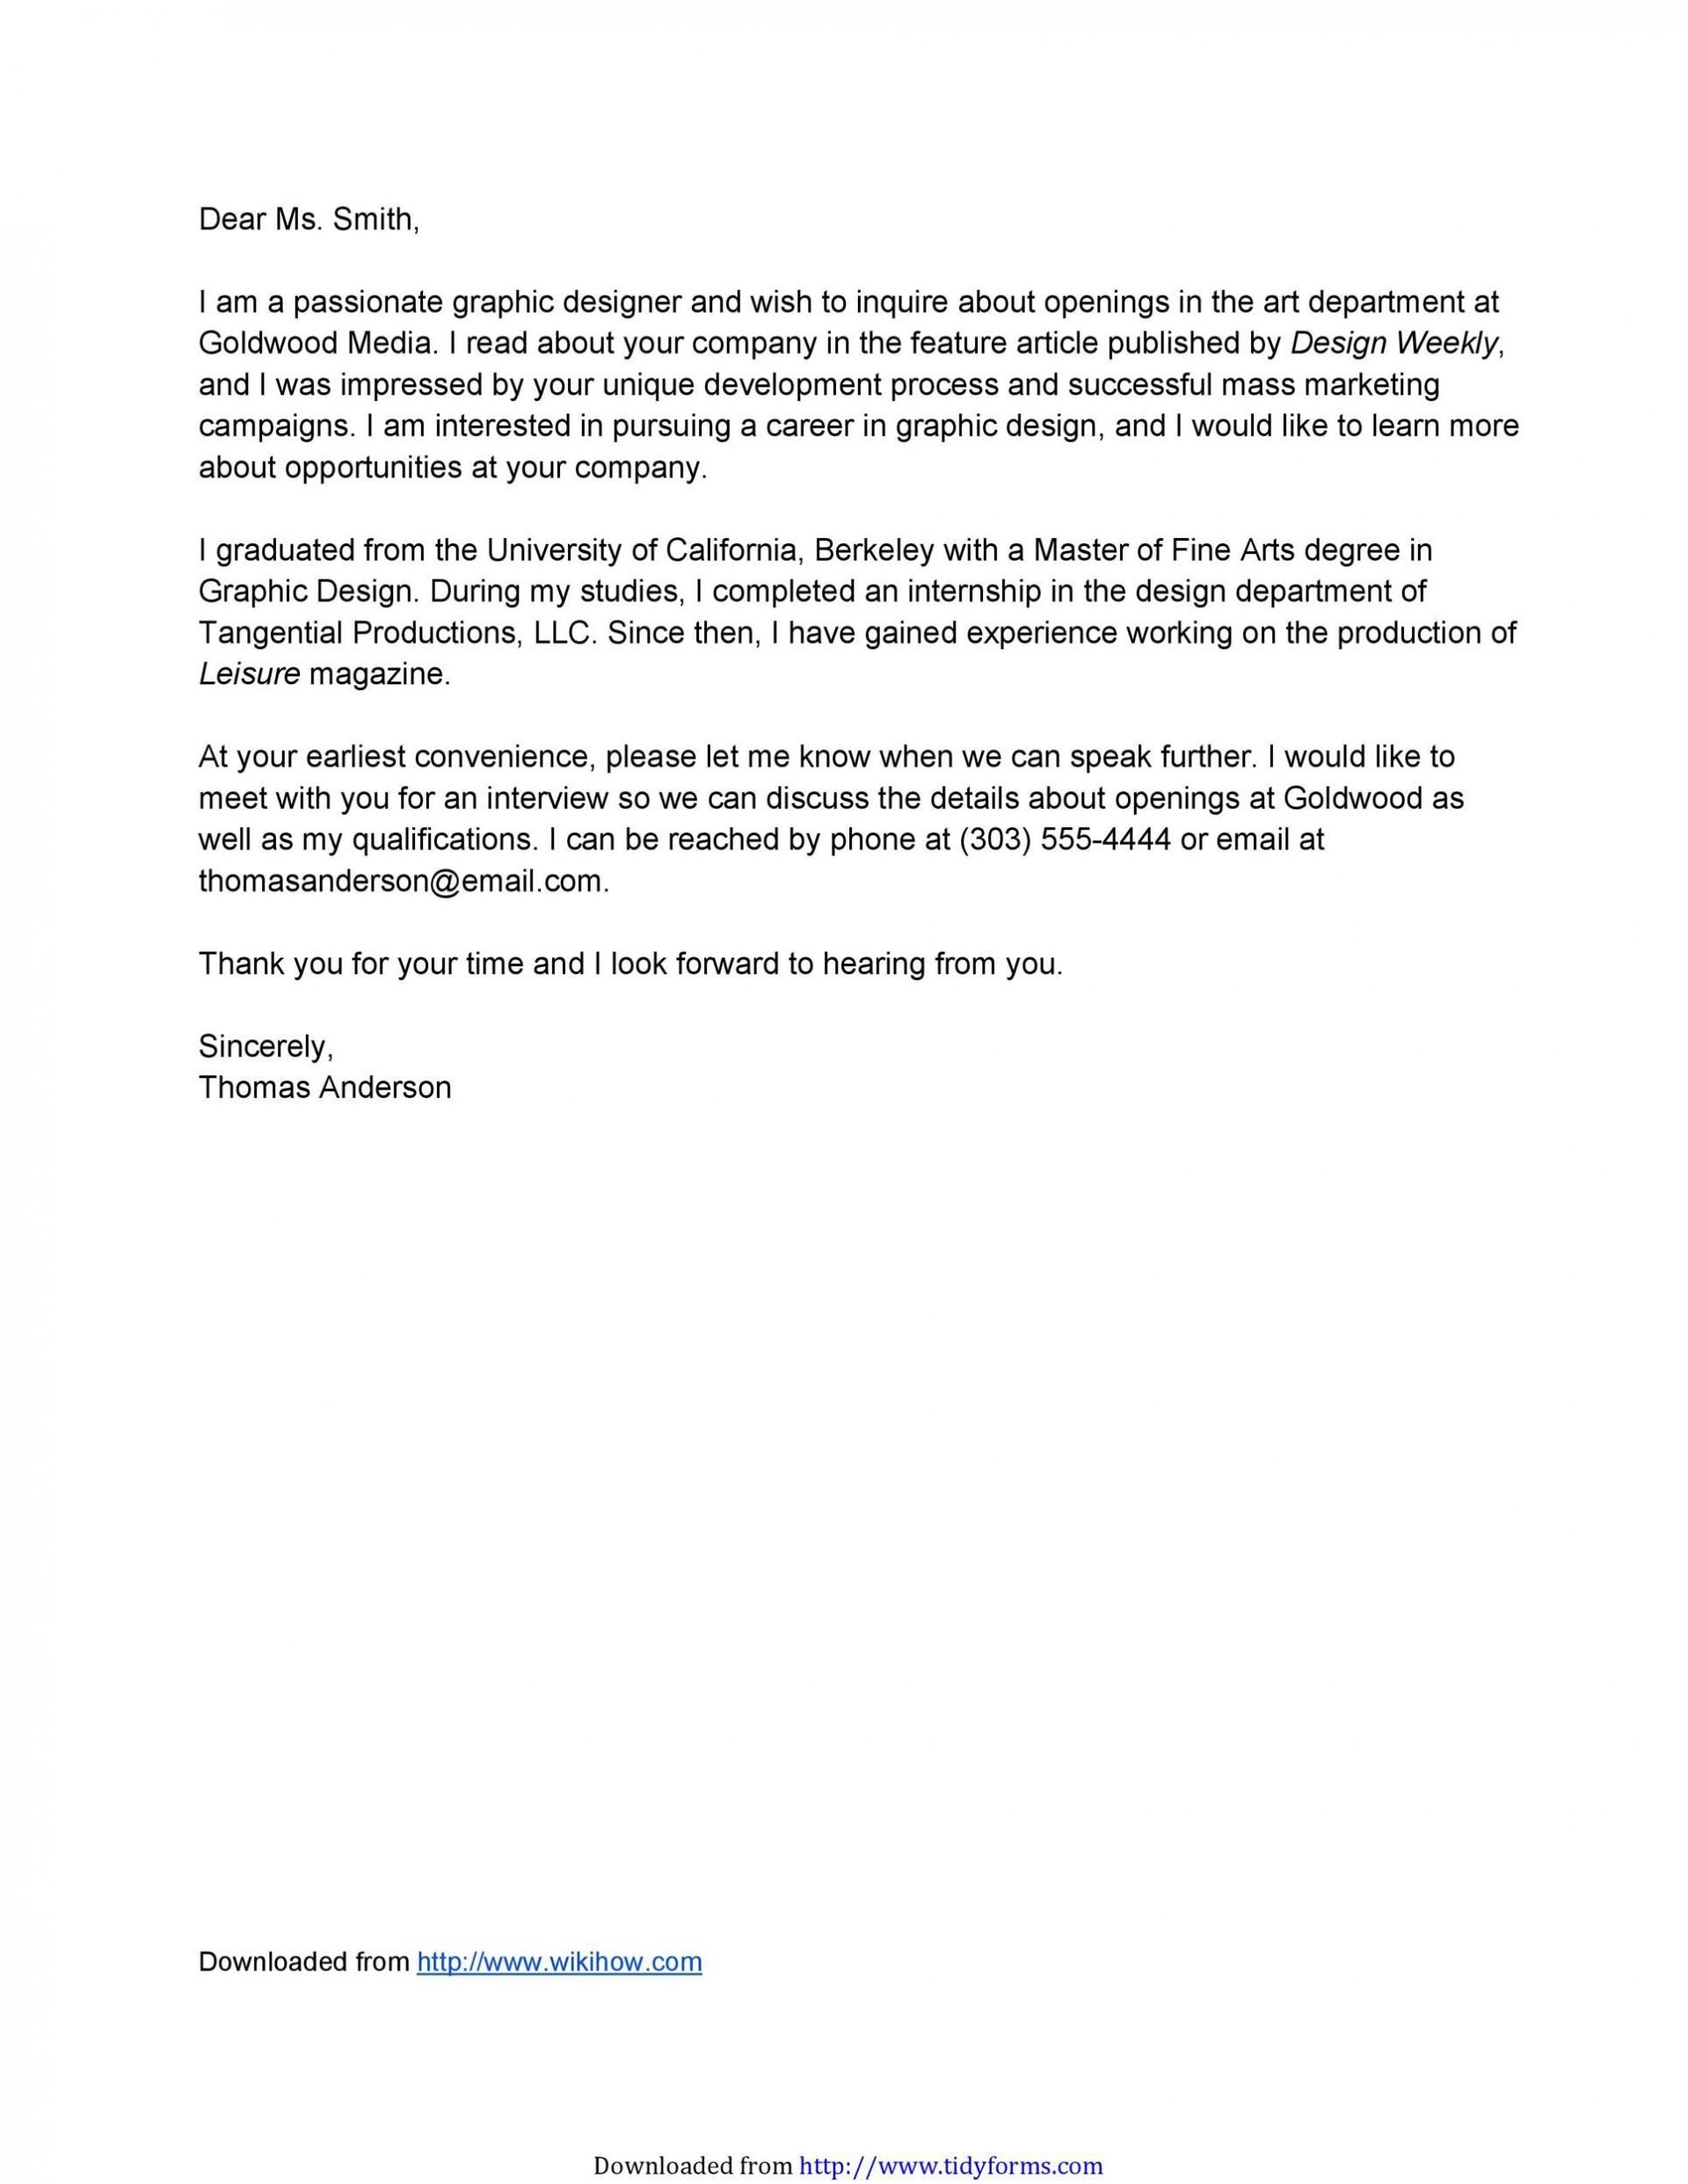 008 Sensational Teacher Cover Letter Template High Def  Teaching Job1920